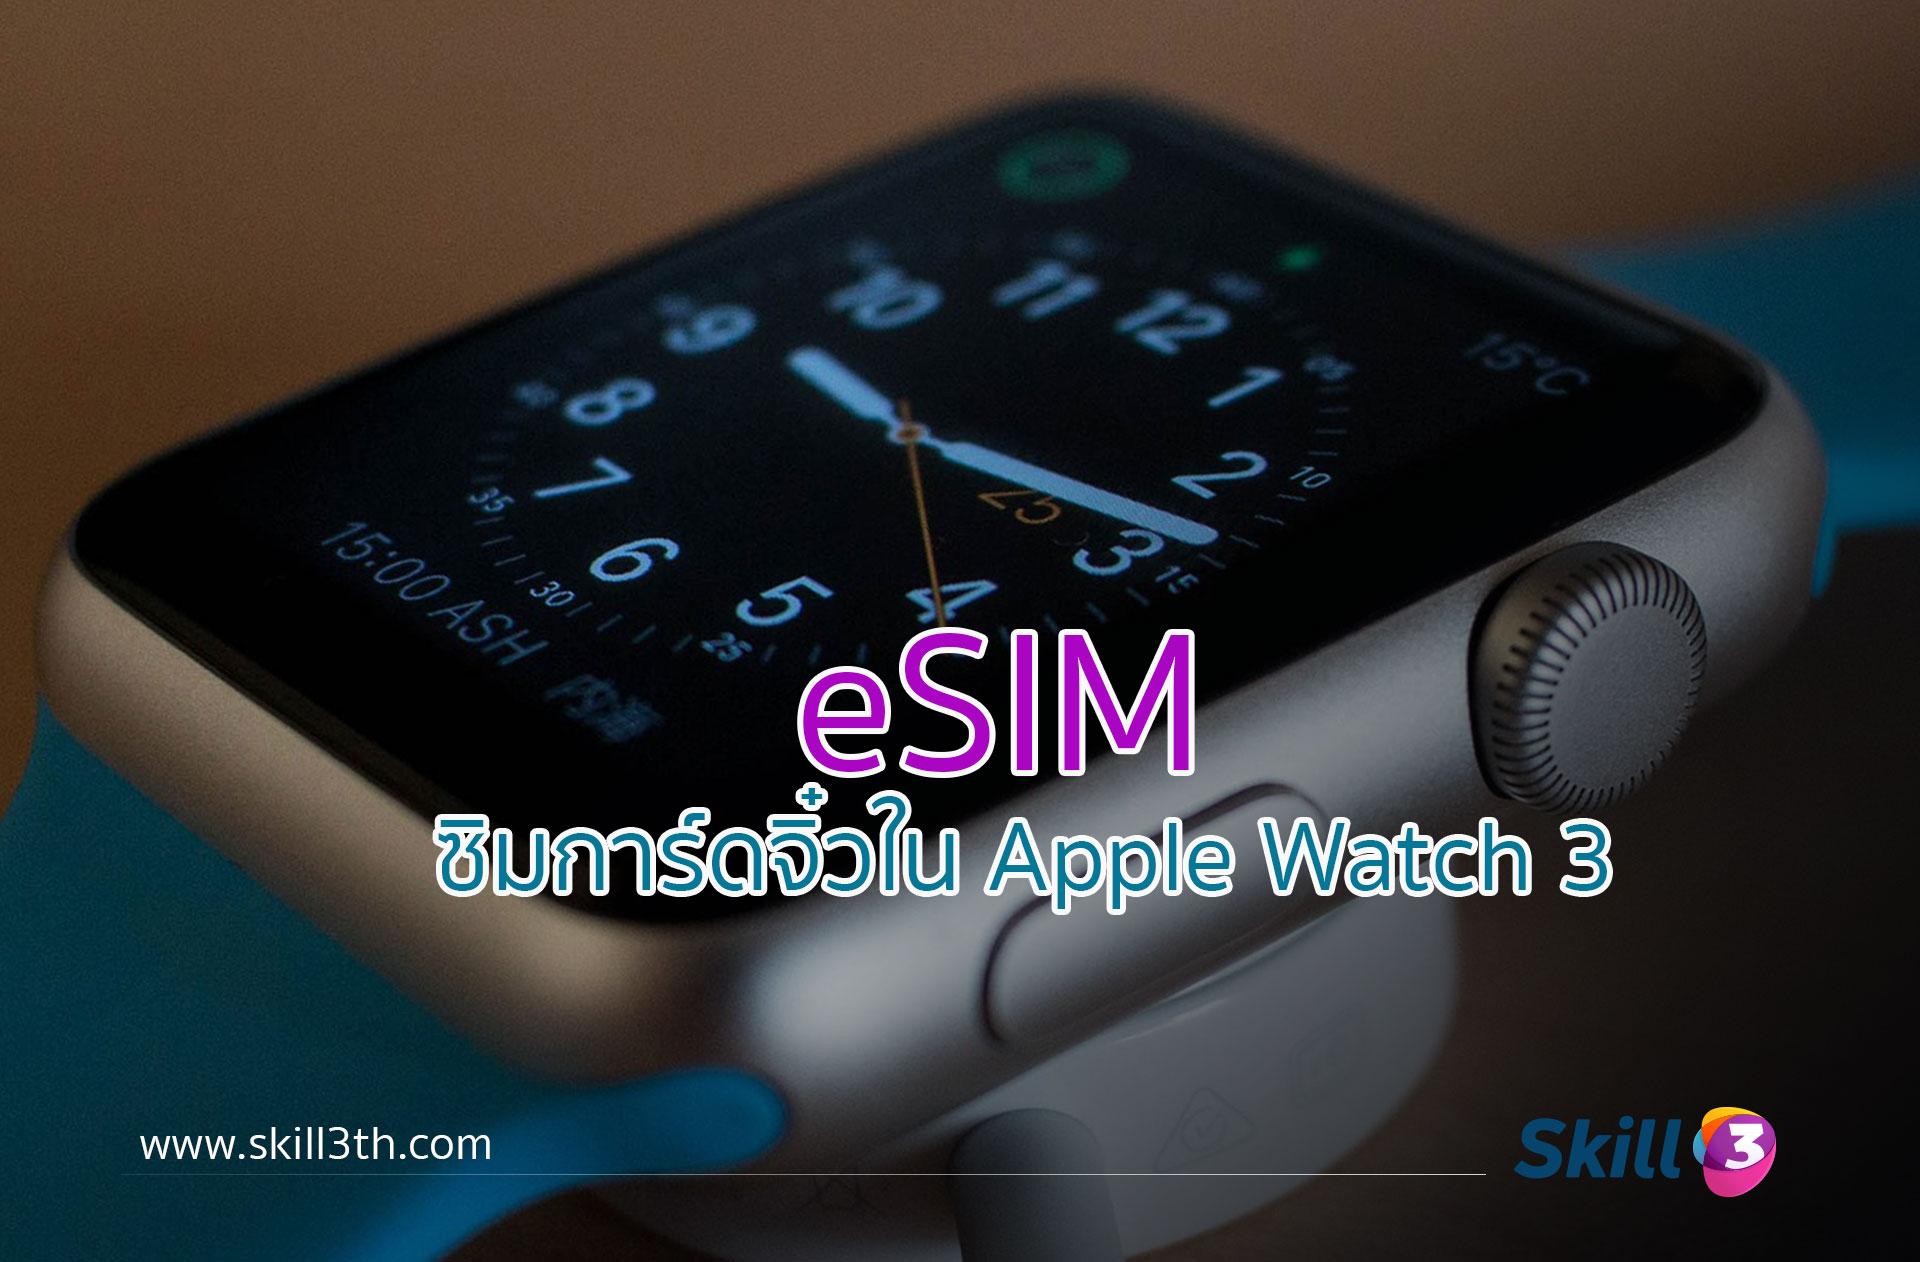 รู้จัก eSIM ซิมการ์ดจิ๋วใน Apple Watch 3